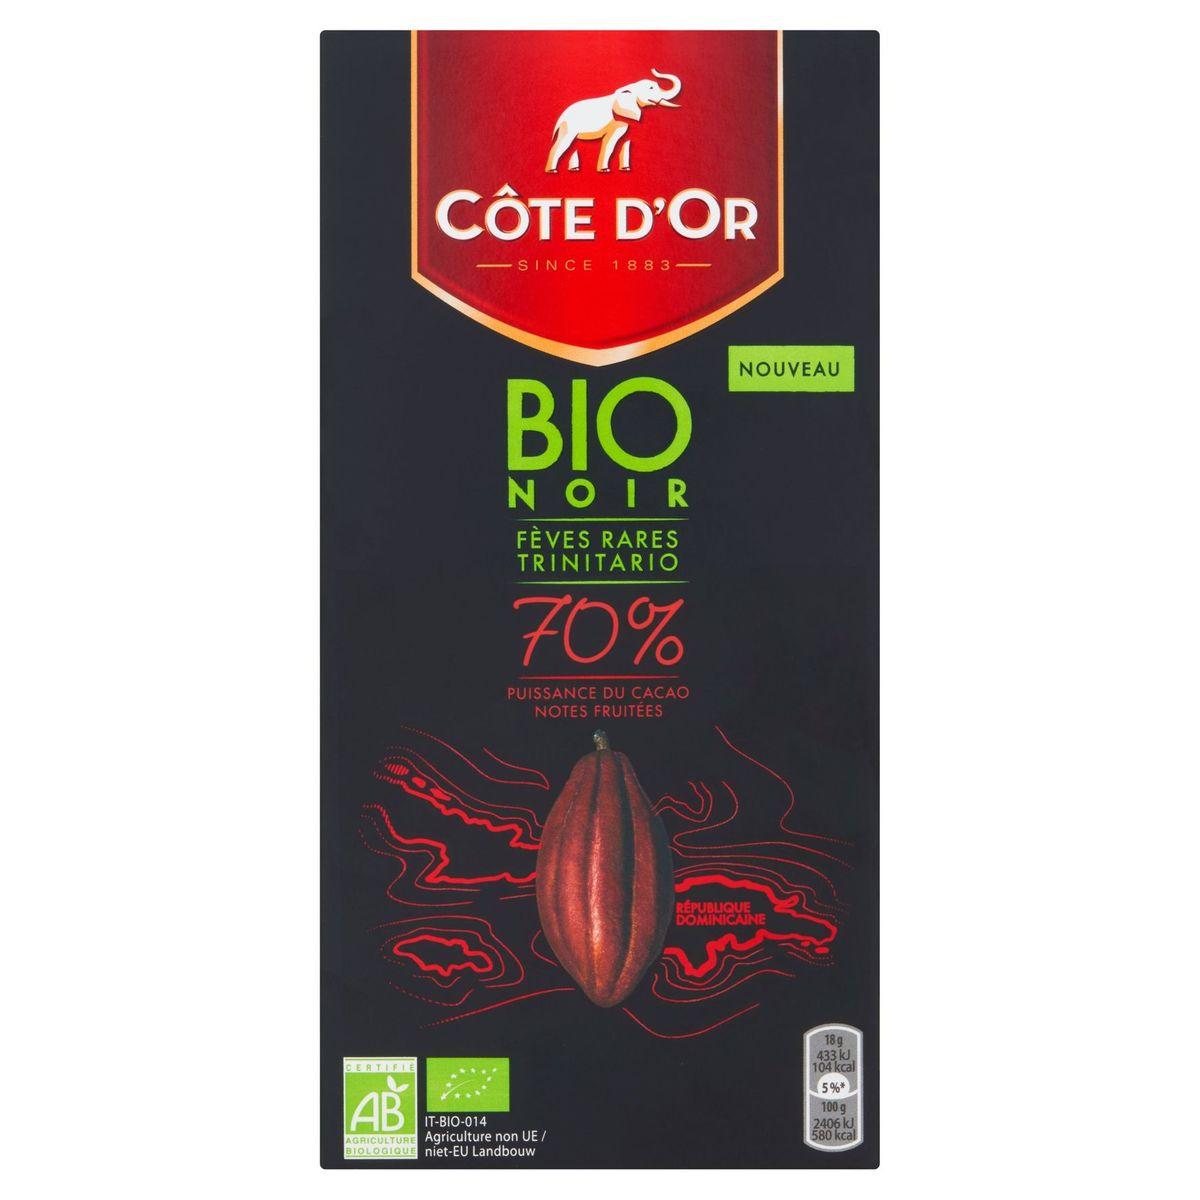 Côte d'Or Bio Noir 70% 90 g